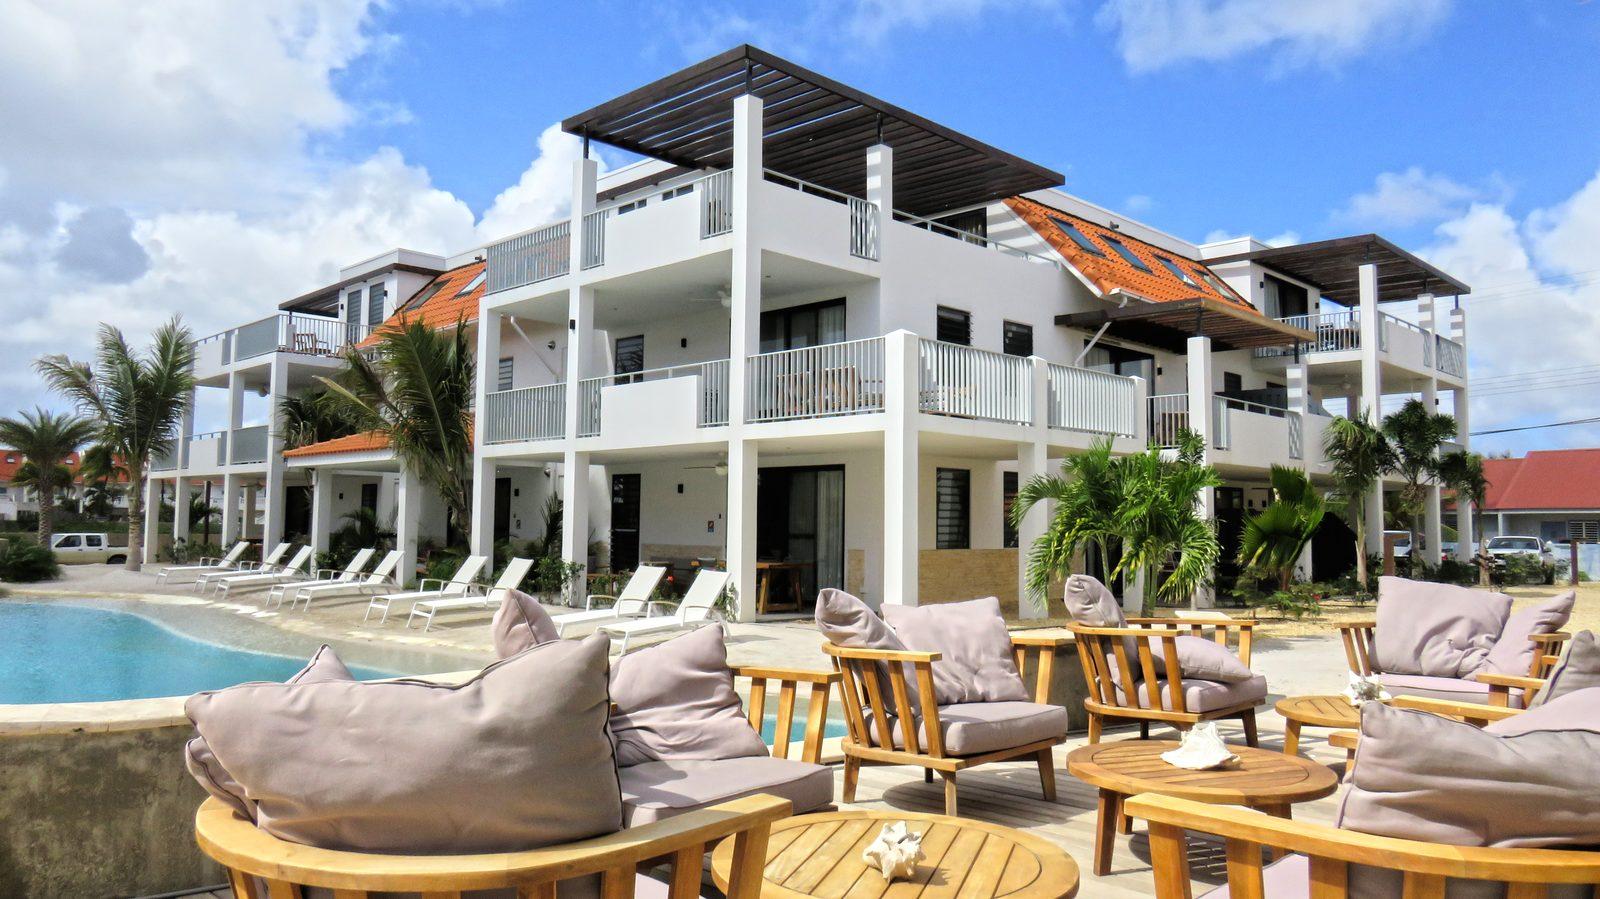 Un bar à Bonaire? Vous pouvez également le trouver au Resort Bonaire. Nous avons un bar à cocktails attenant à la piscine, juste à côté de la plage de sable fin. Prenez un verre et mangez un morceau avec nous.